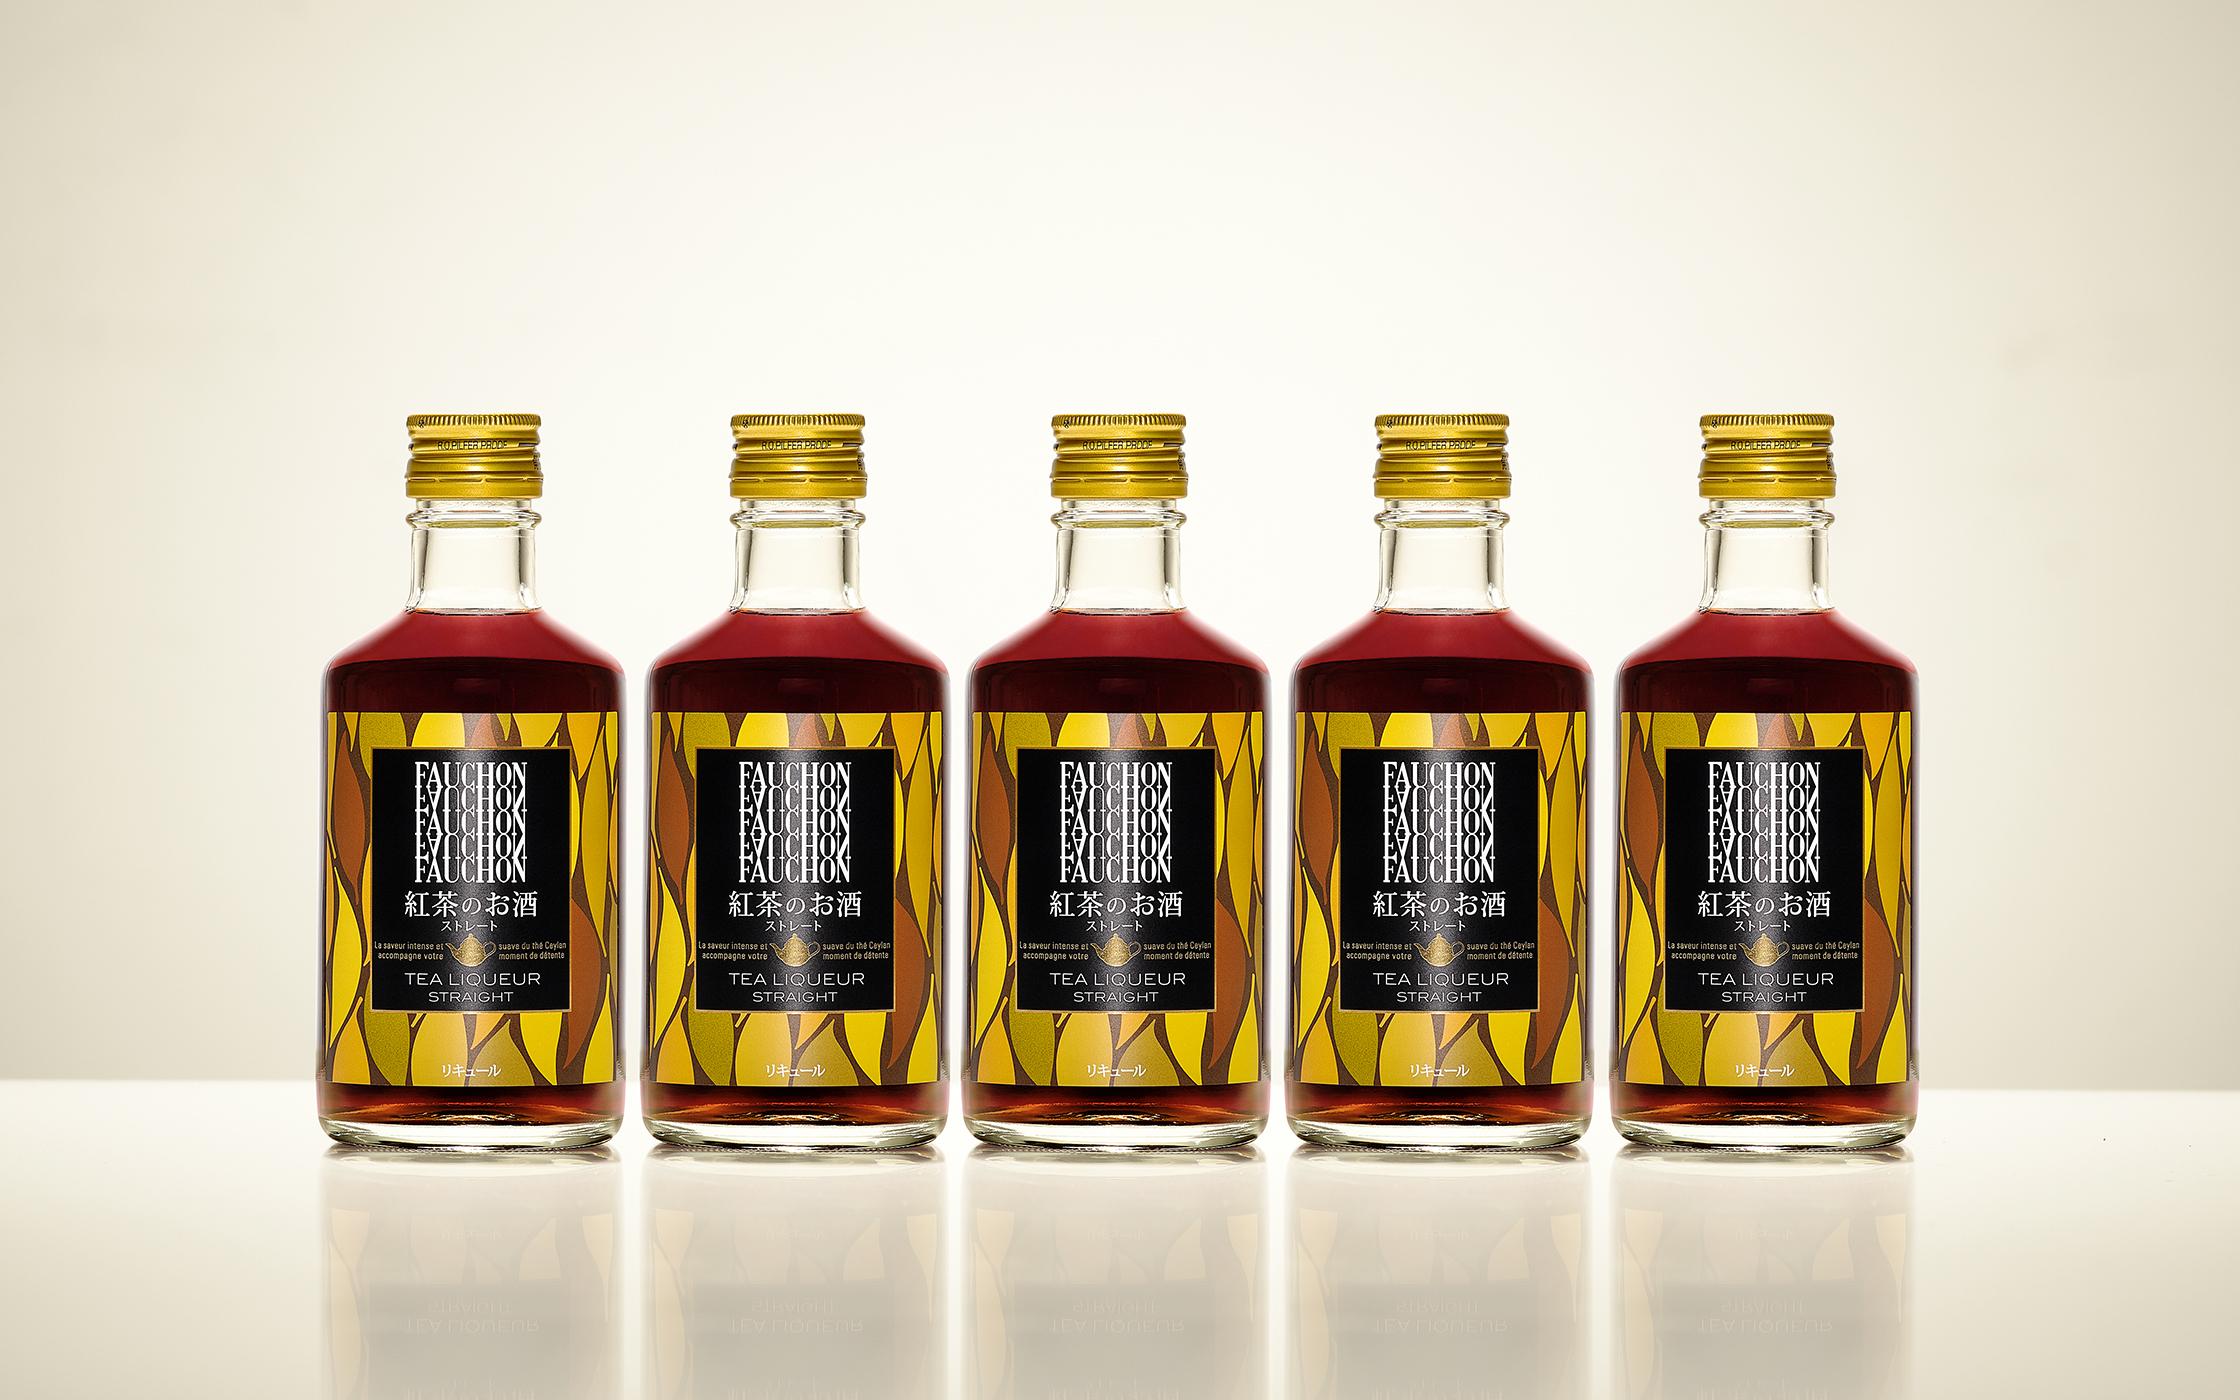 国际包装设计:茶酒包装设计创意欣赏